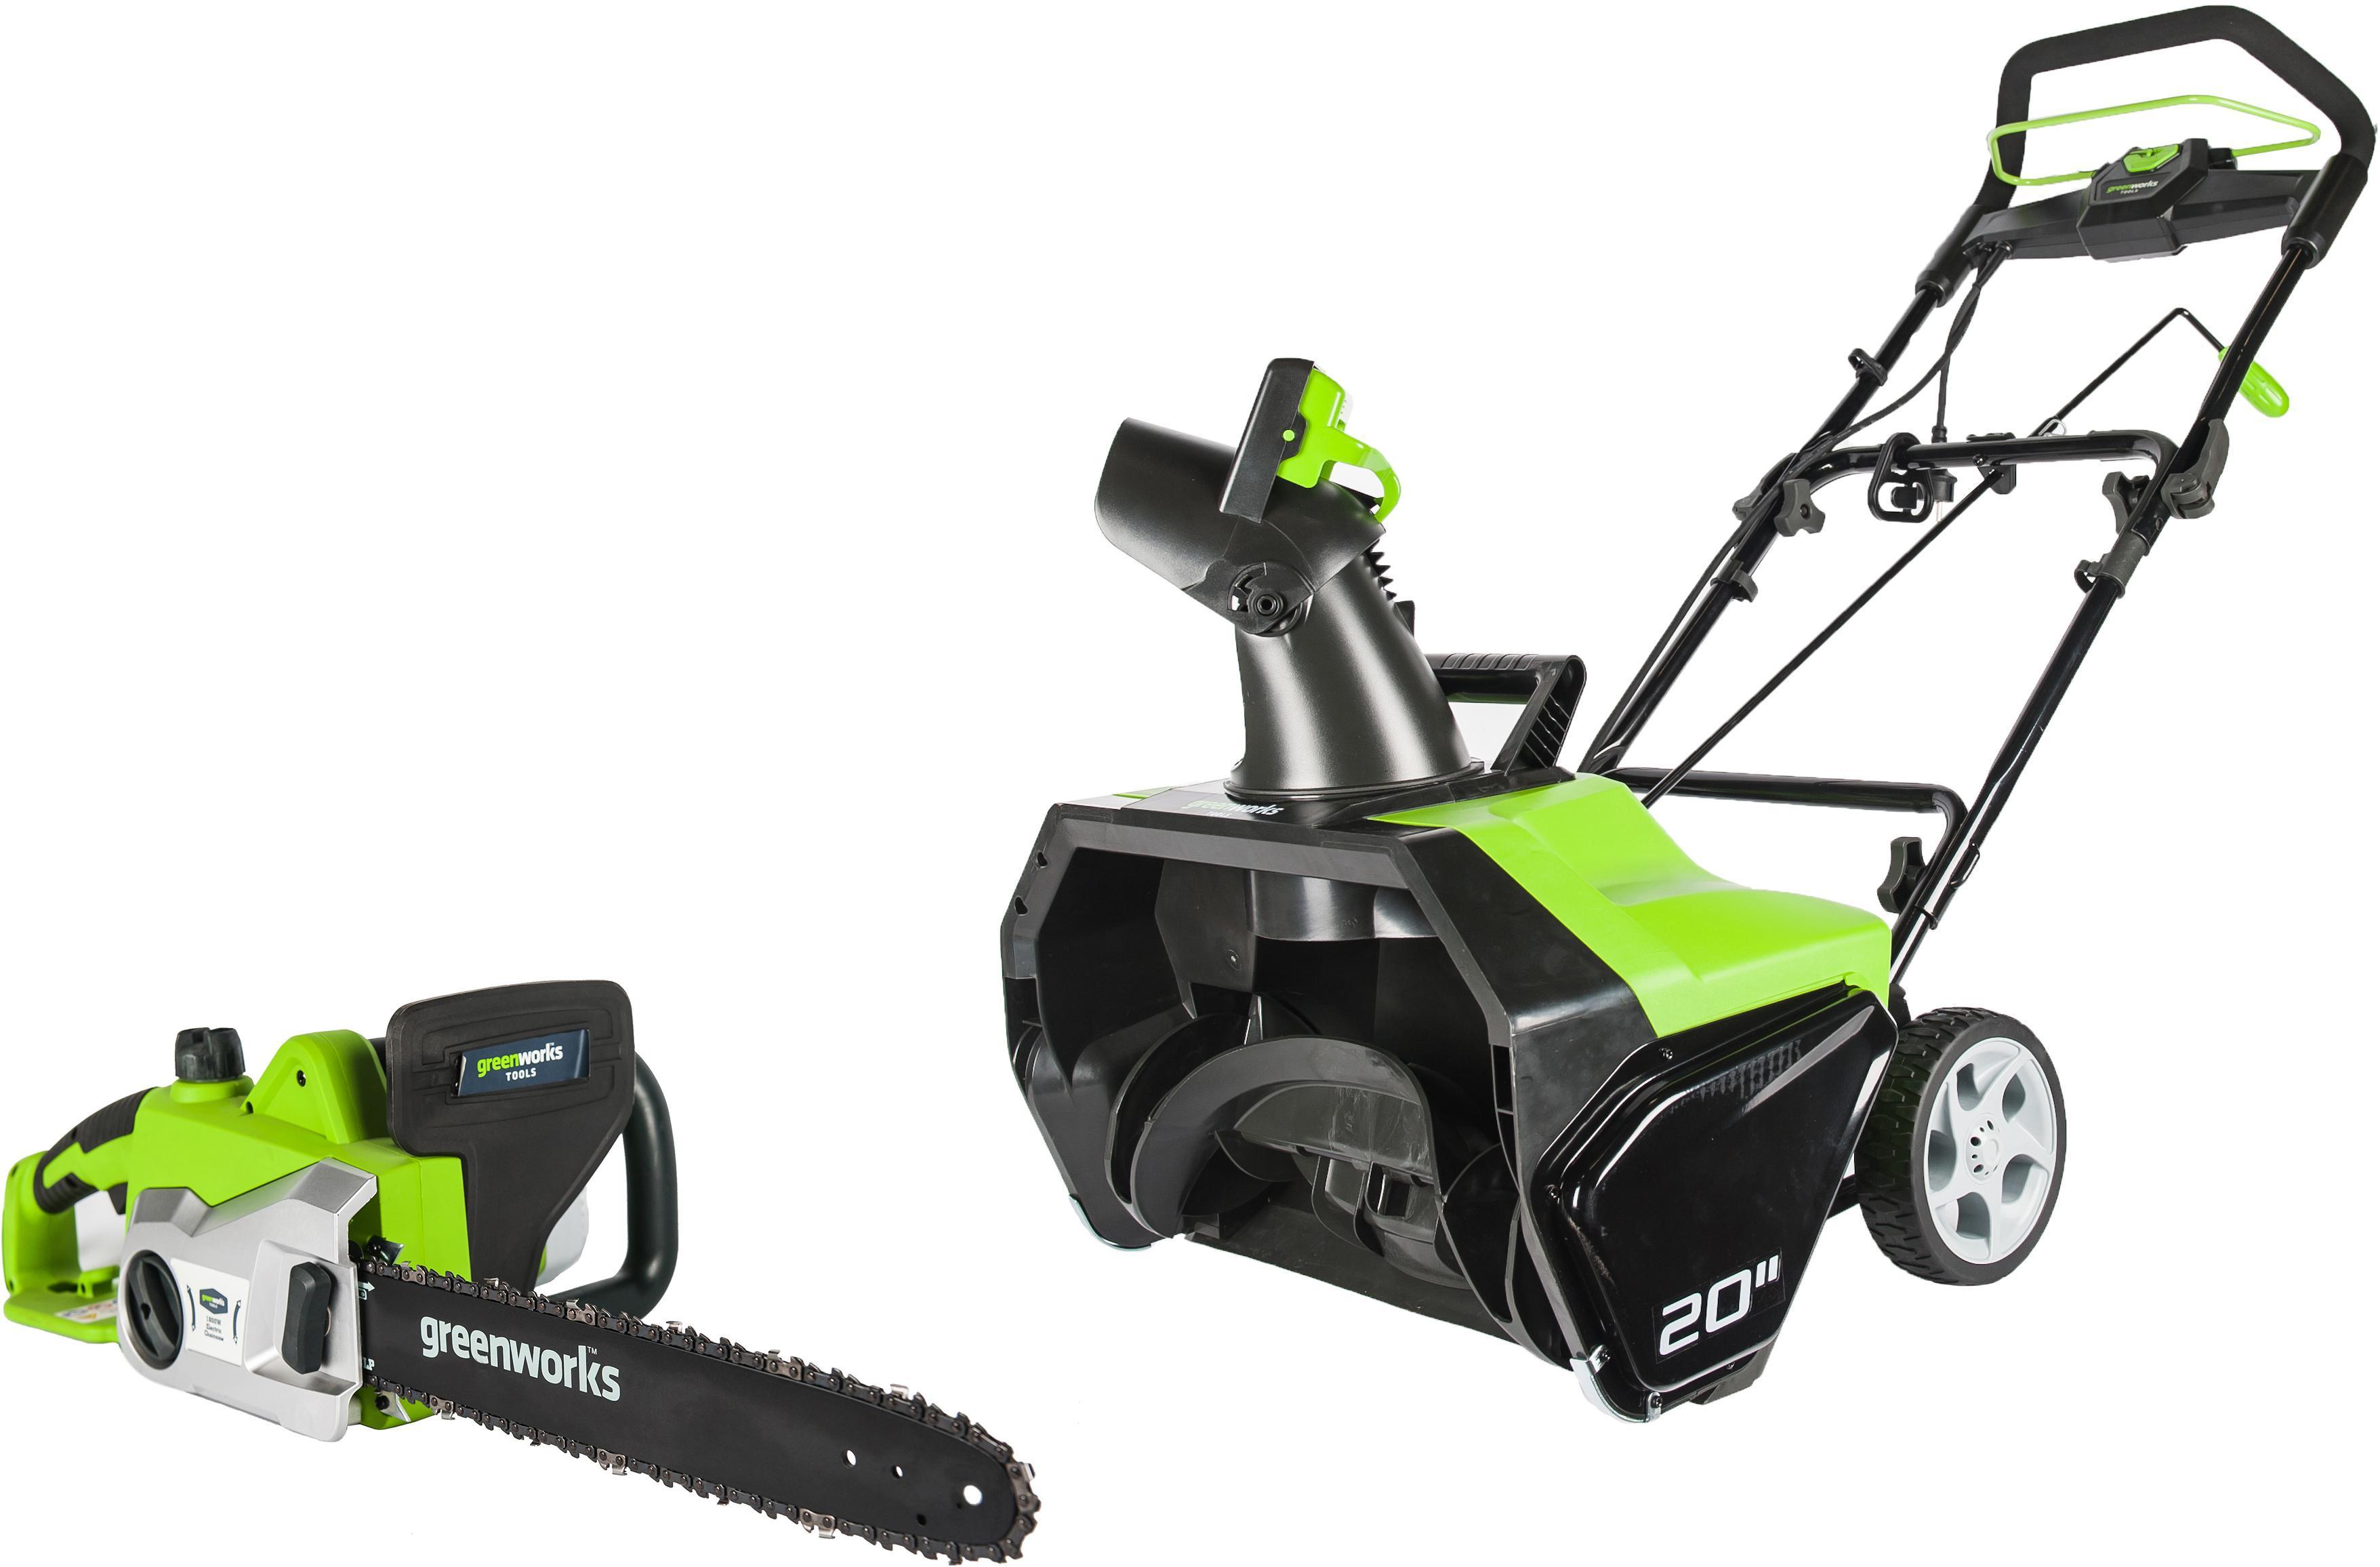 Набор Greenworks Снегоуборщик gst1851 (2600507) +Пила цепная gcs1836 (20217)